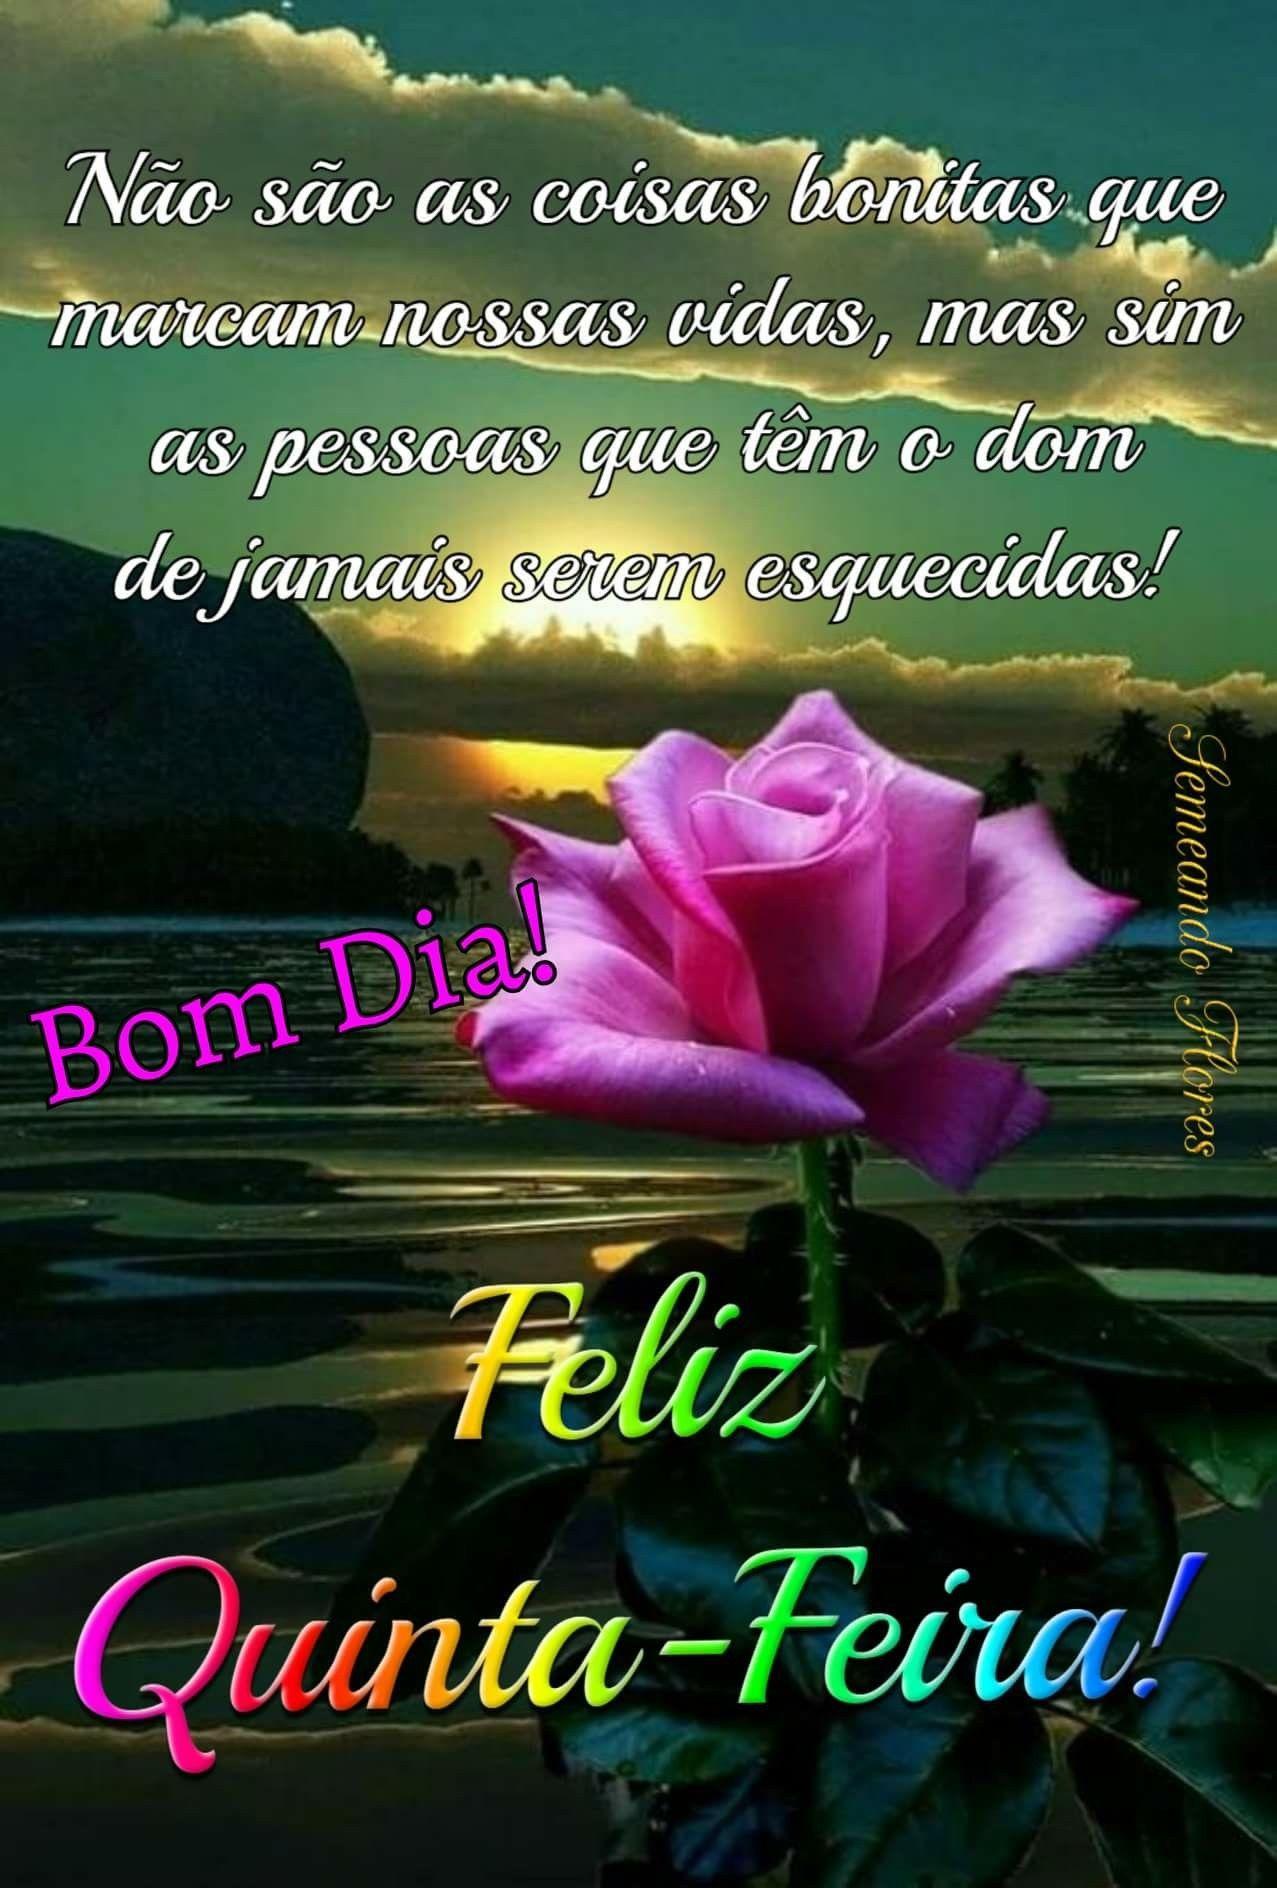 Pin De Lidia Oliveira Em Bom Dia Com Imagens Mensagem De Boa